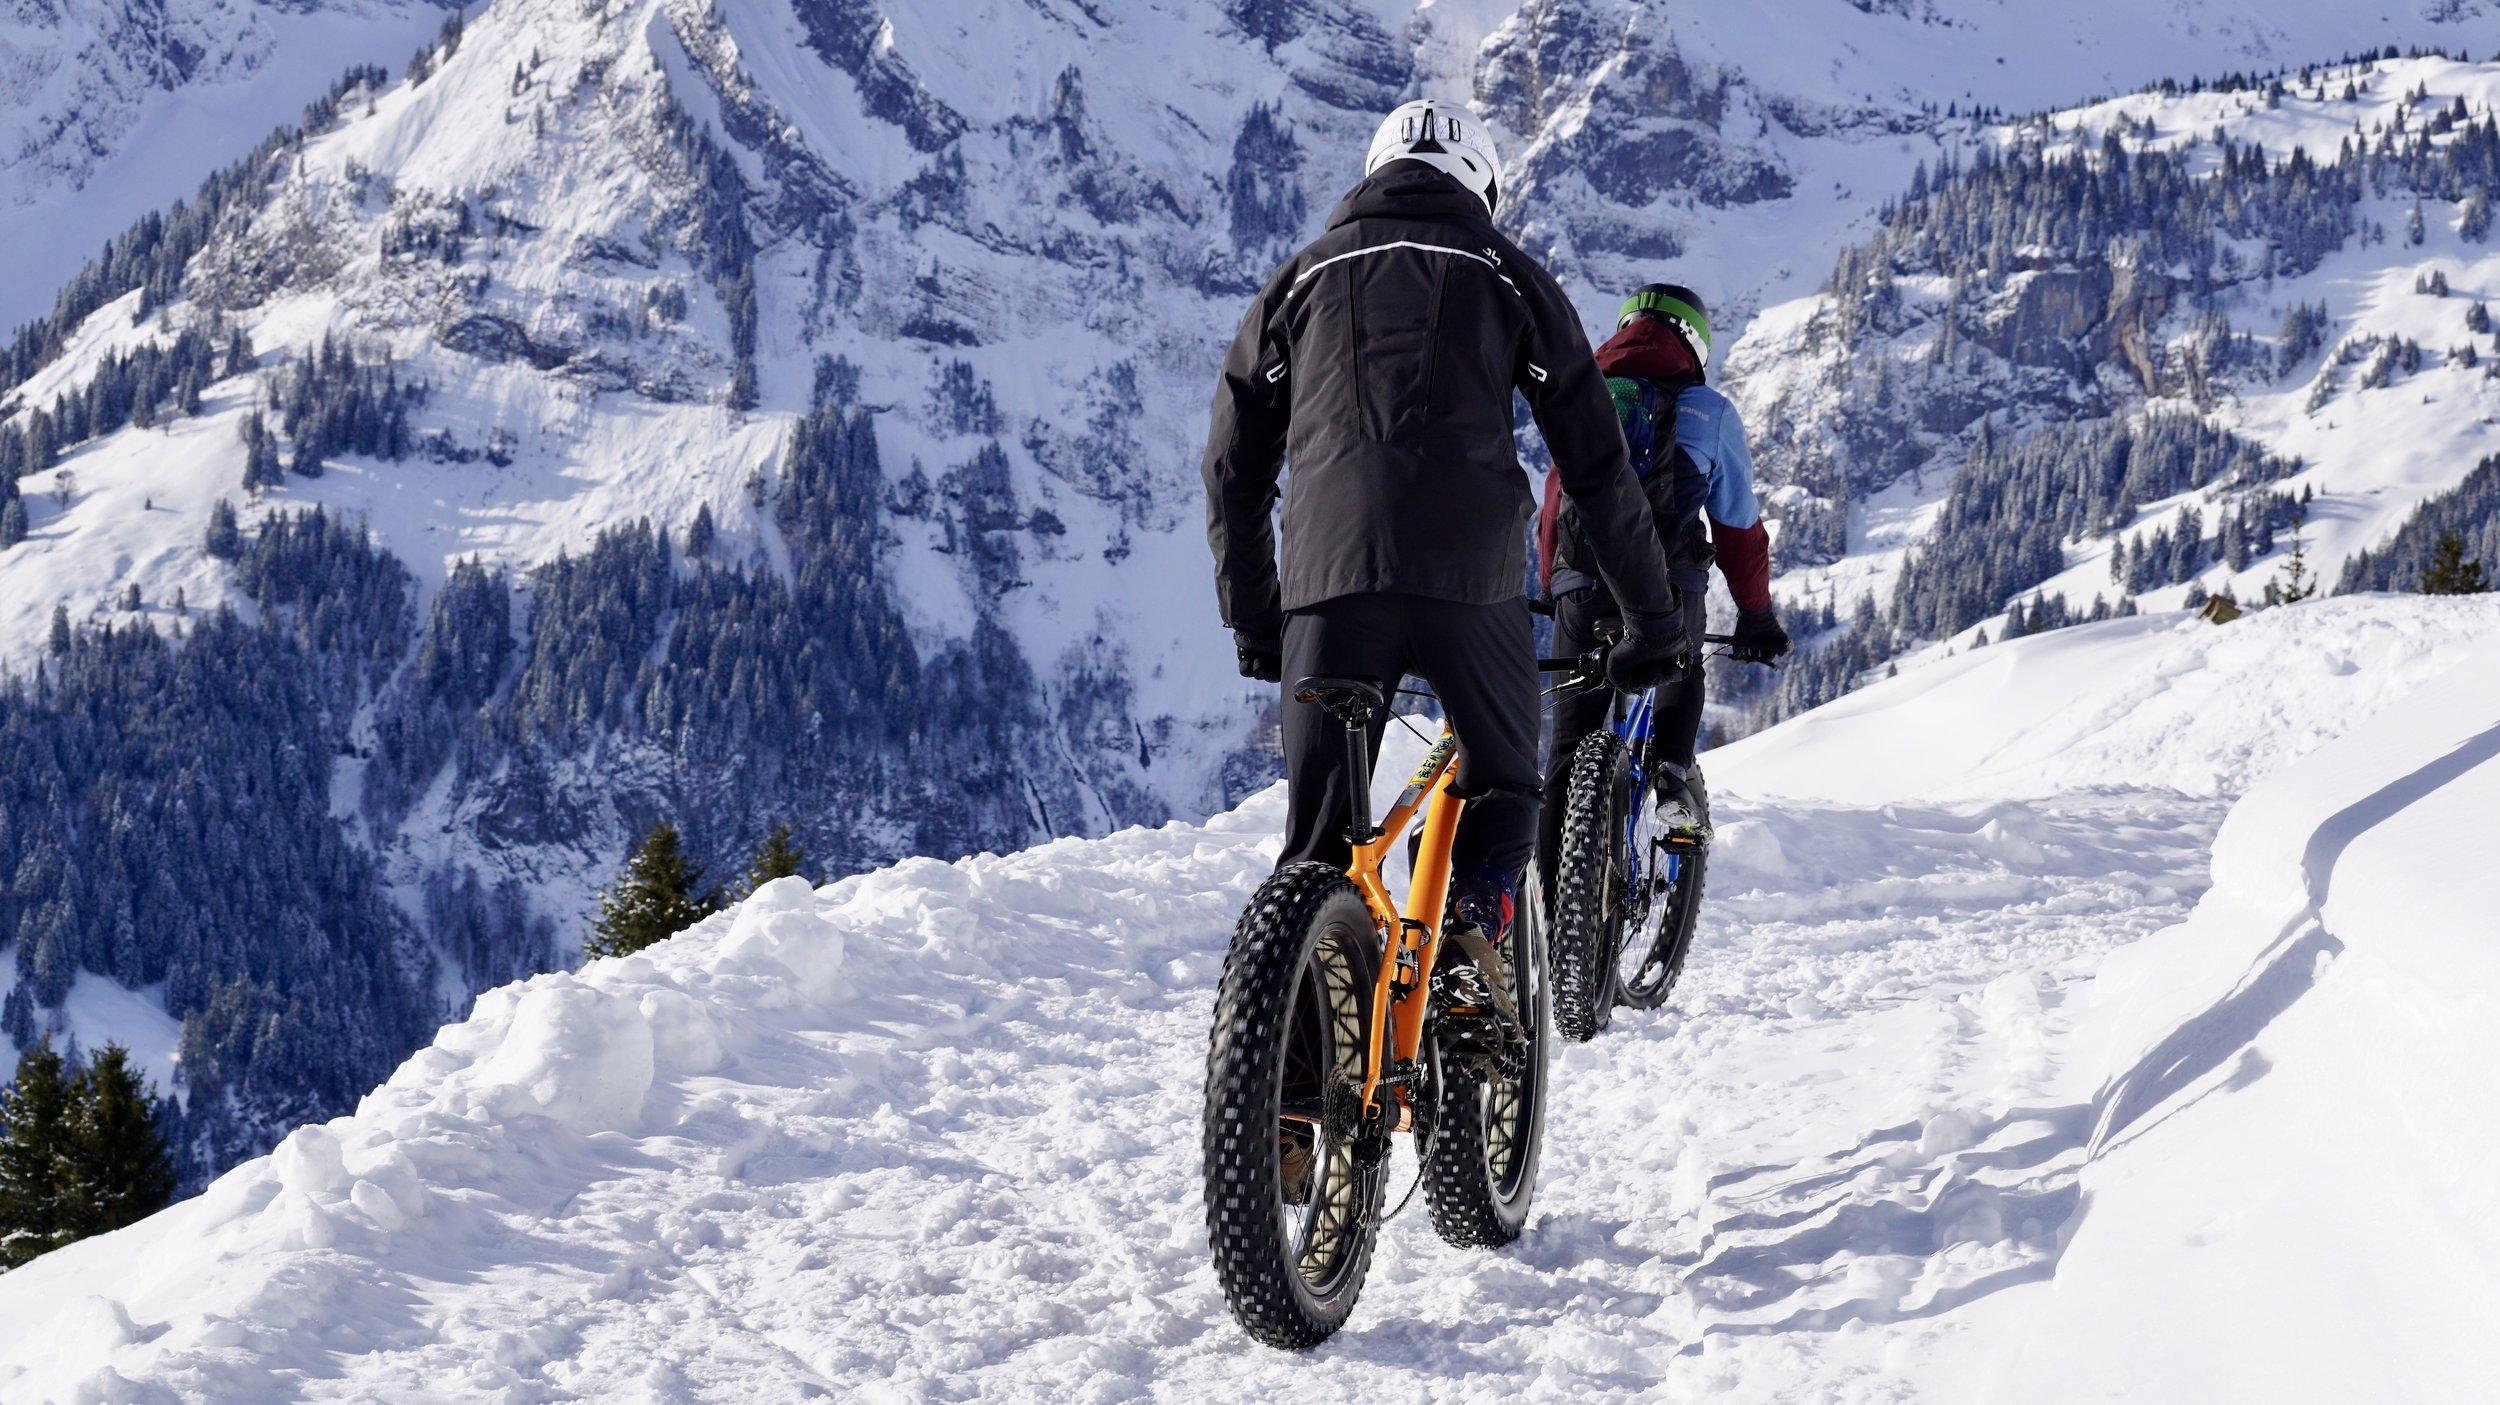 Fatbike & Segway - Schneeerlebnis mal ganz anders. Erschließen Sie mit dem Fatbike offroad neue Strecken oder genießen Sie die Tour auf dem Segway.